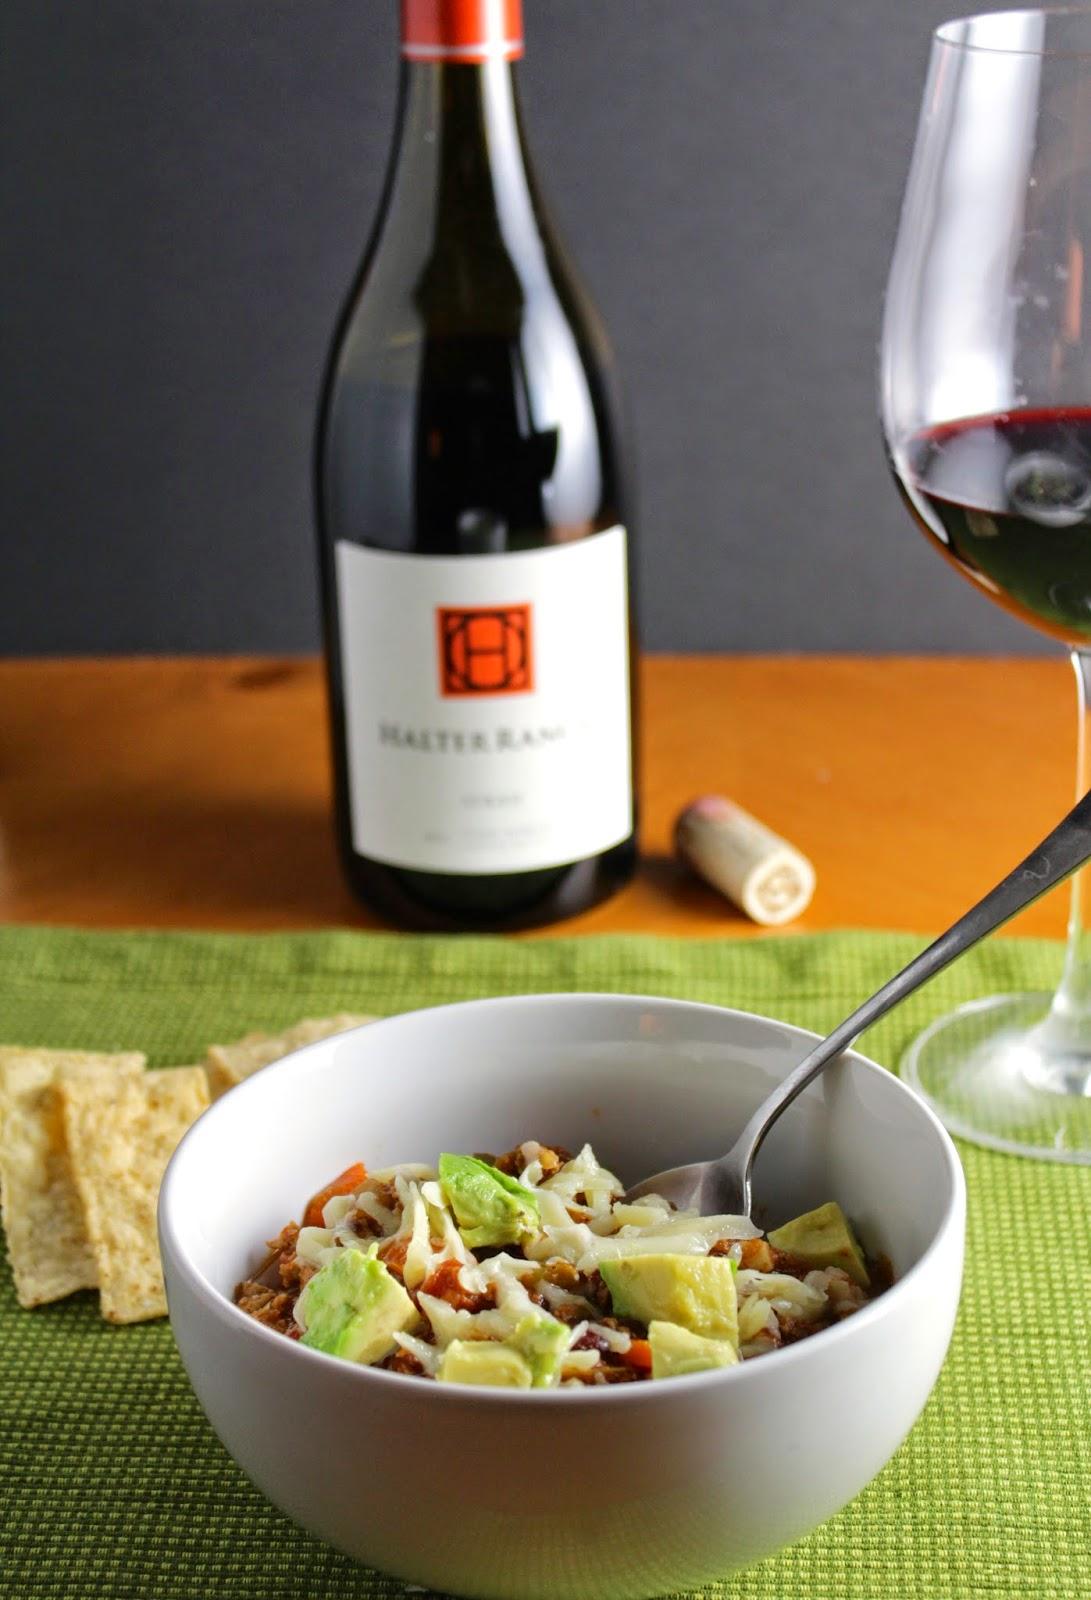 Turkey Chili and Wine Pairing